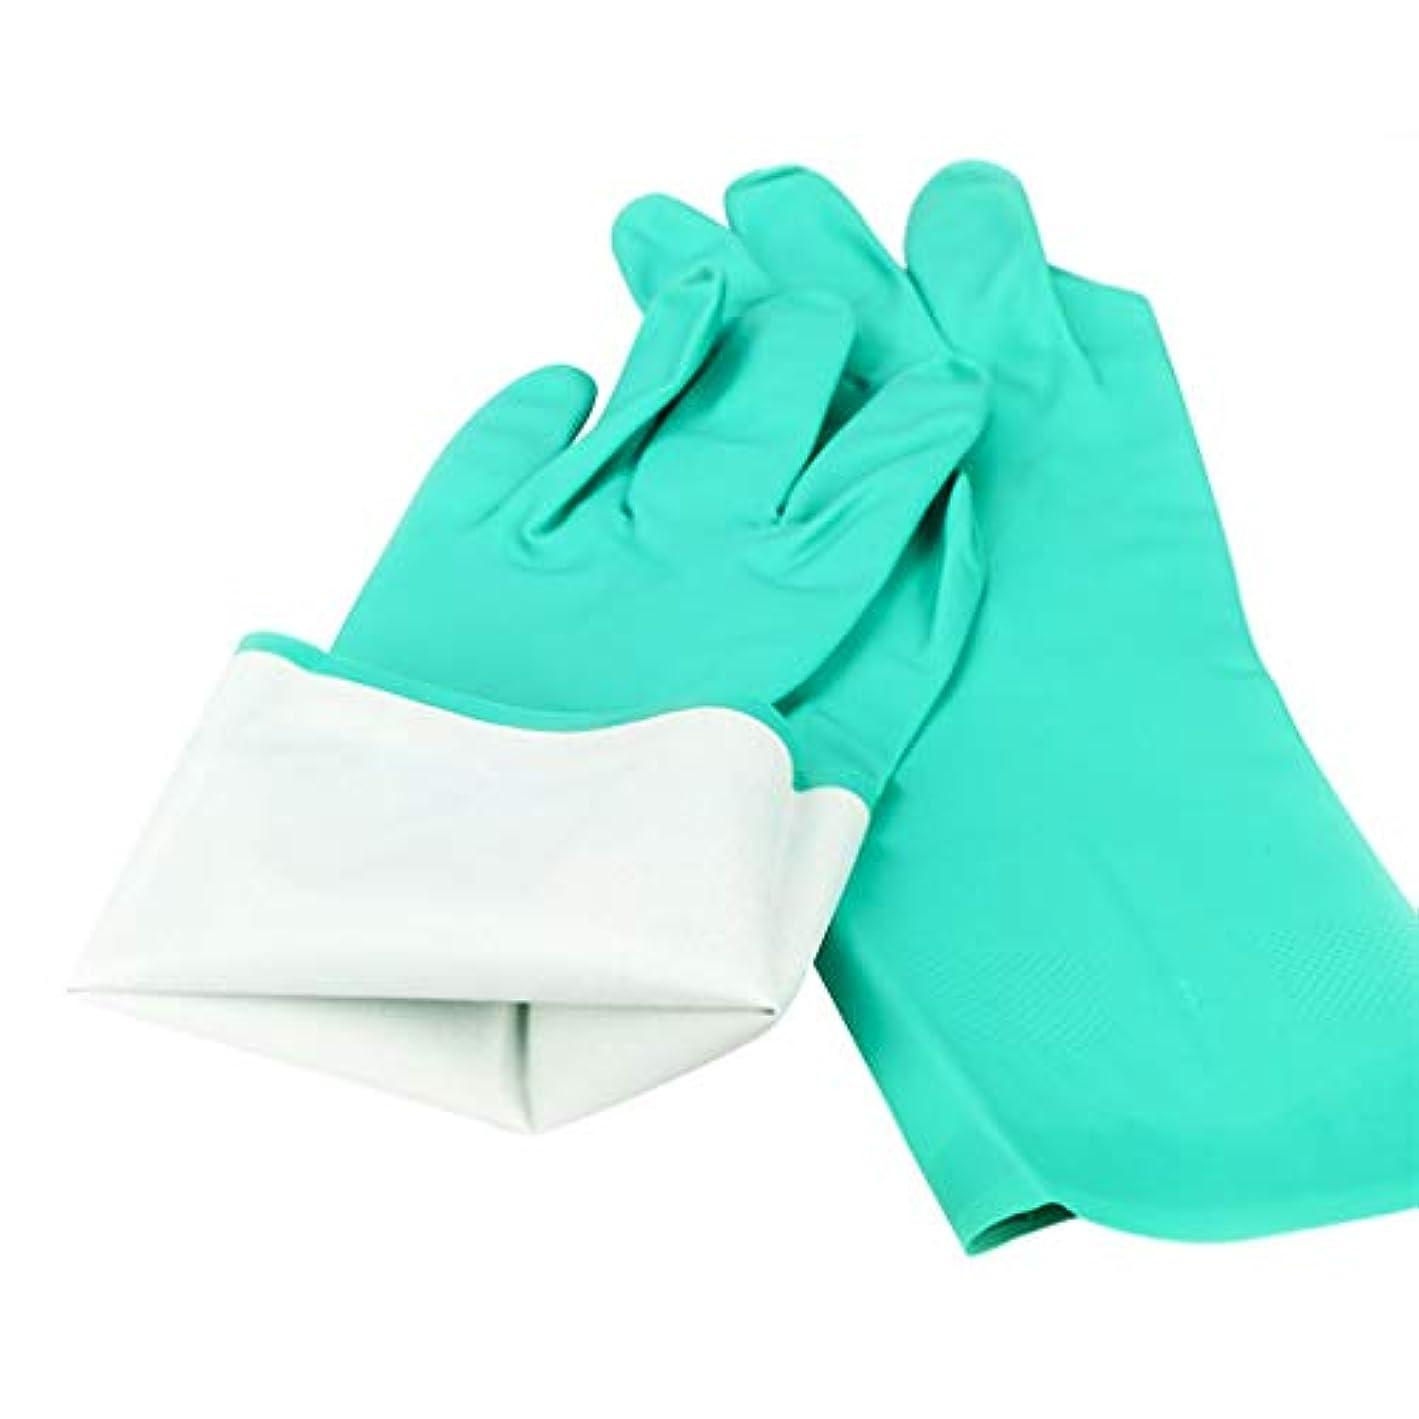 文明もの入力5ペア耐油性ニトリルゴム手袋 - 耐摩耗性耐油性滑り止め安全衛生丈夫な工業用保護 YANW (色 : 緑, サイズ さいず : L l)